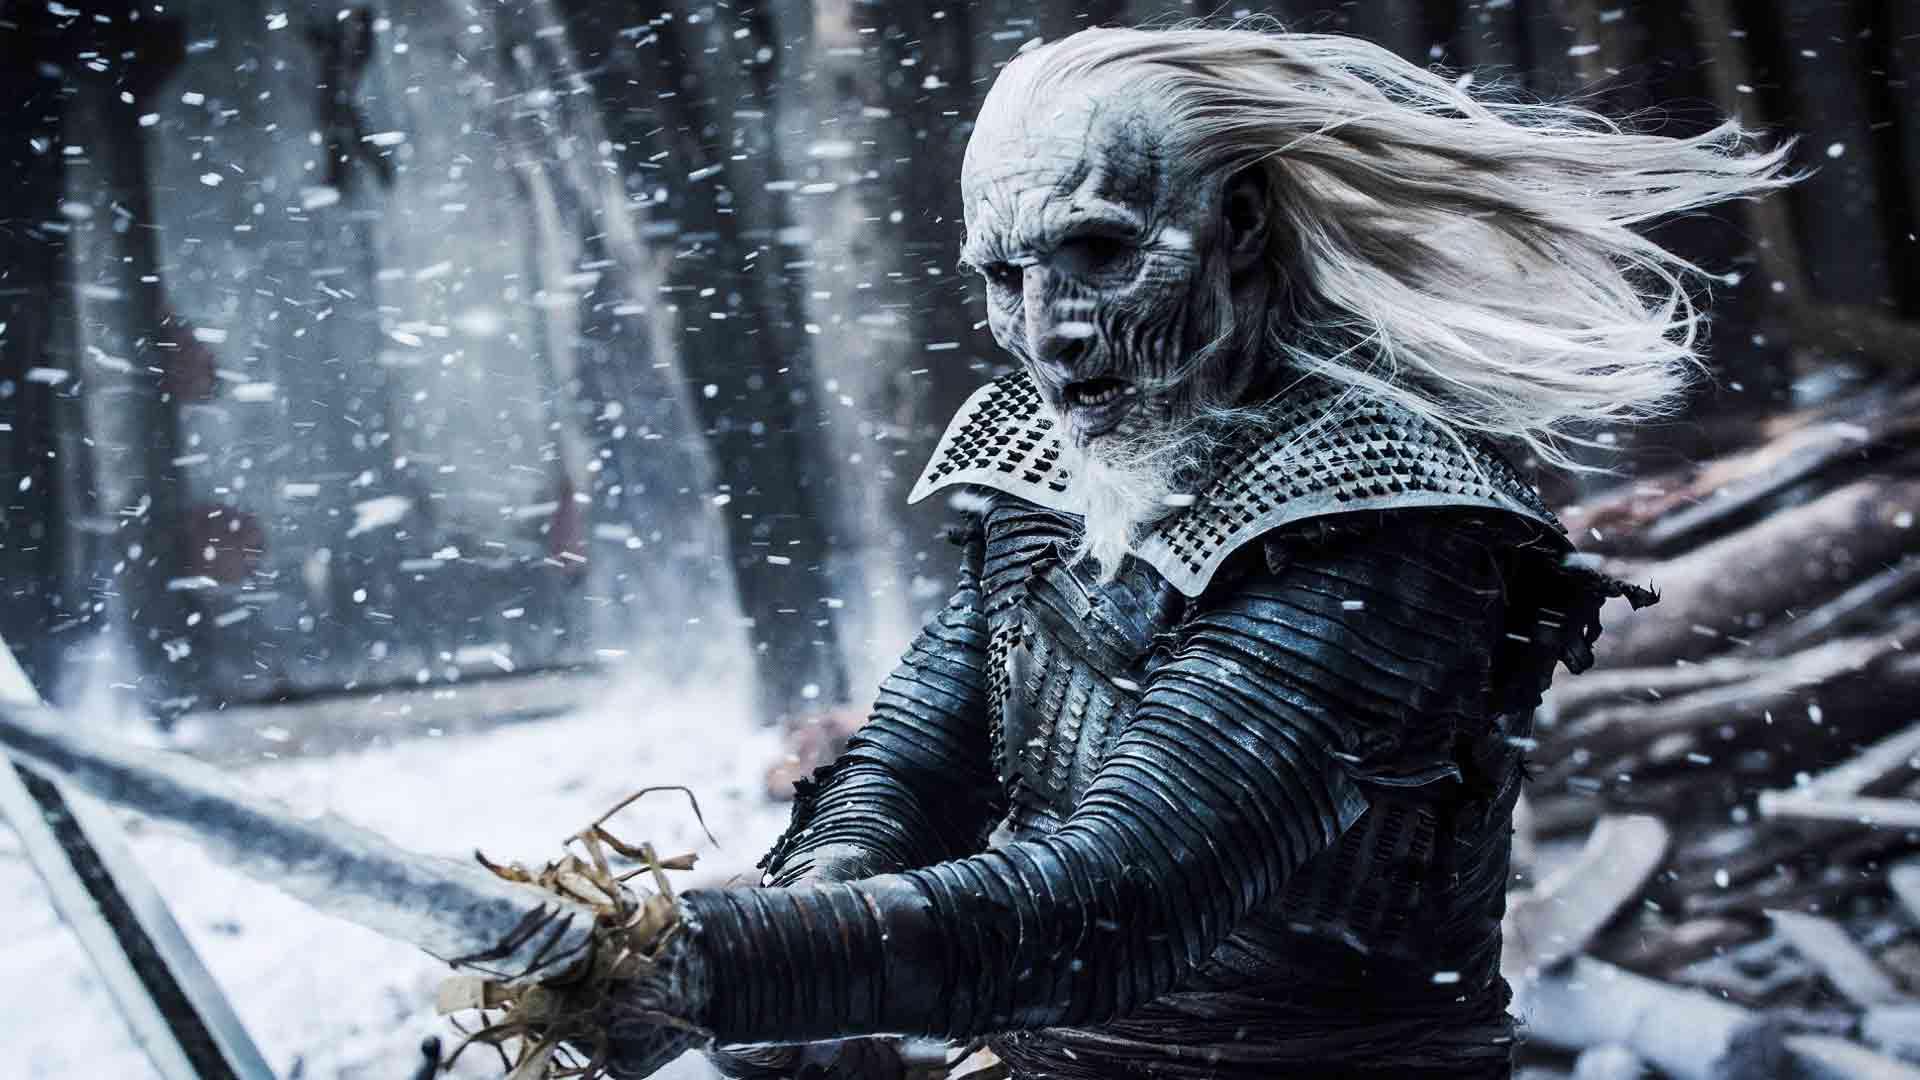 Каква ще е основната история на Game of Thrones Spinoff?